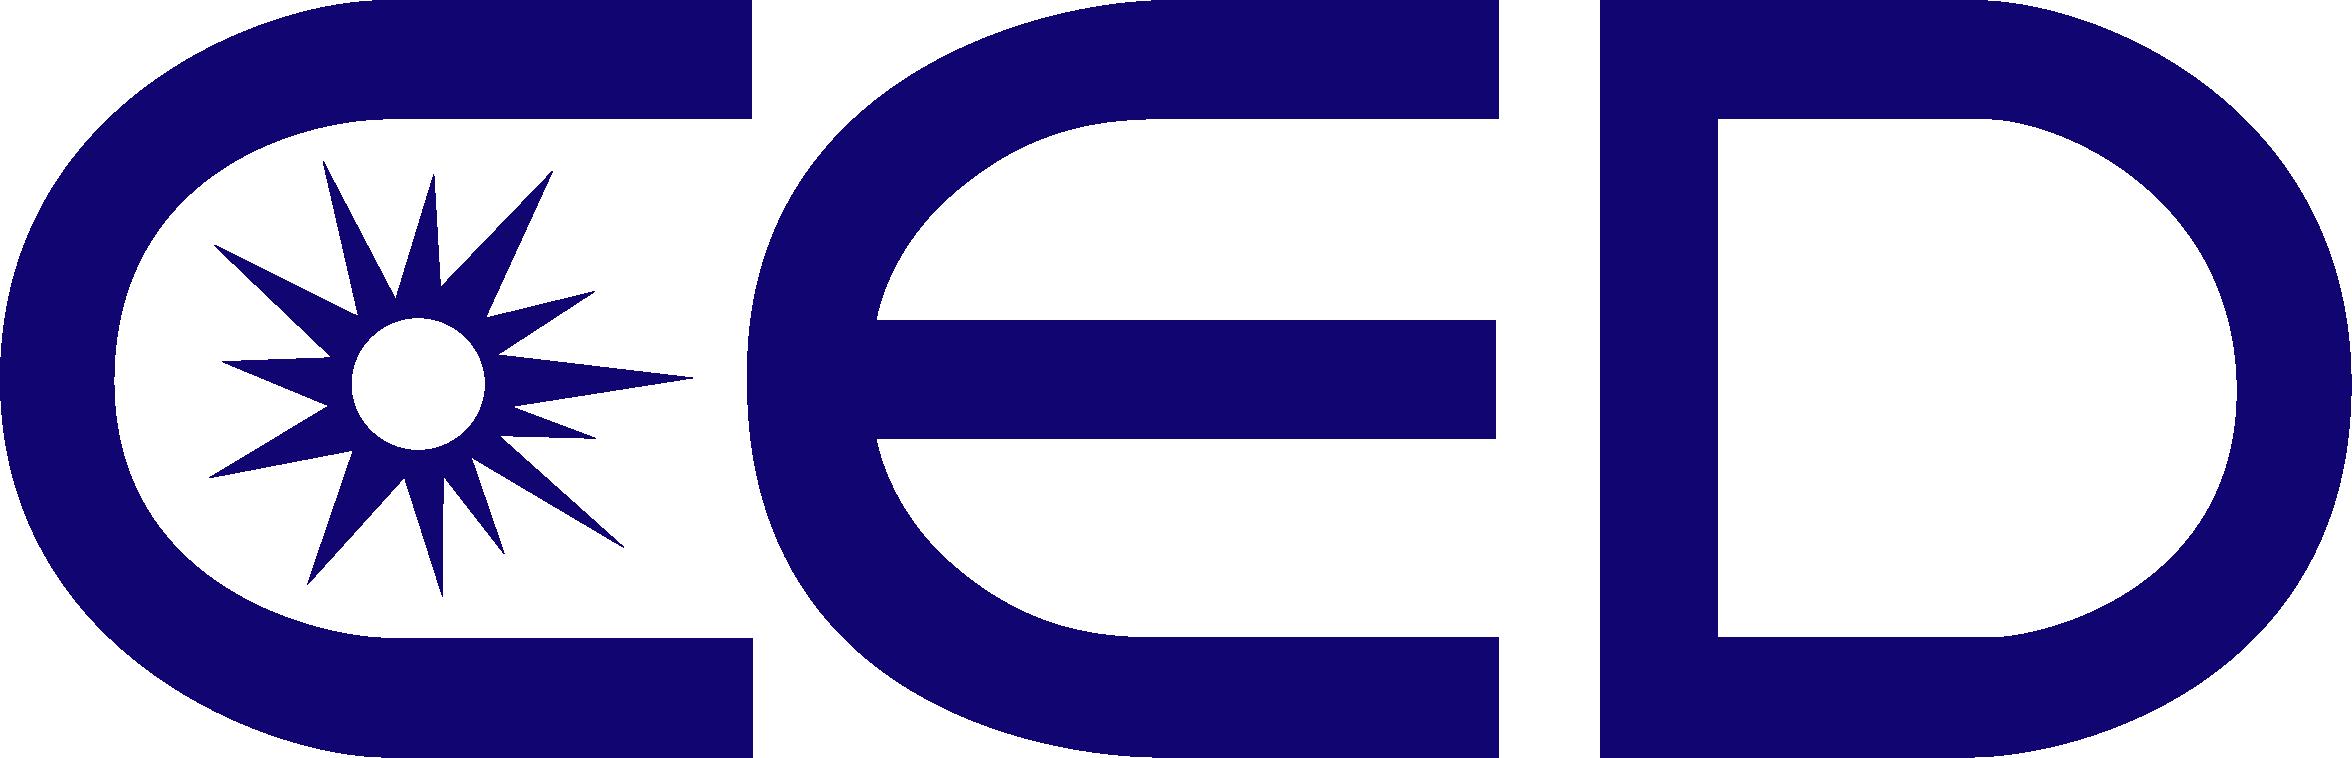 CED company logo